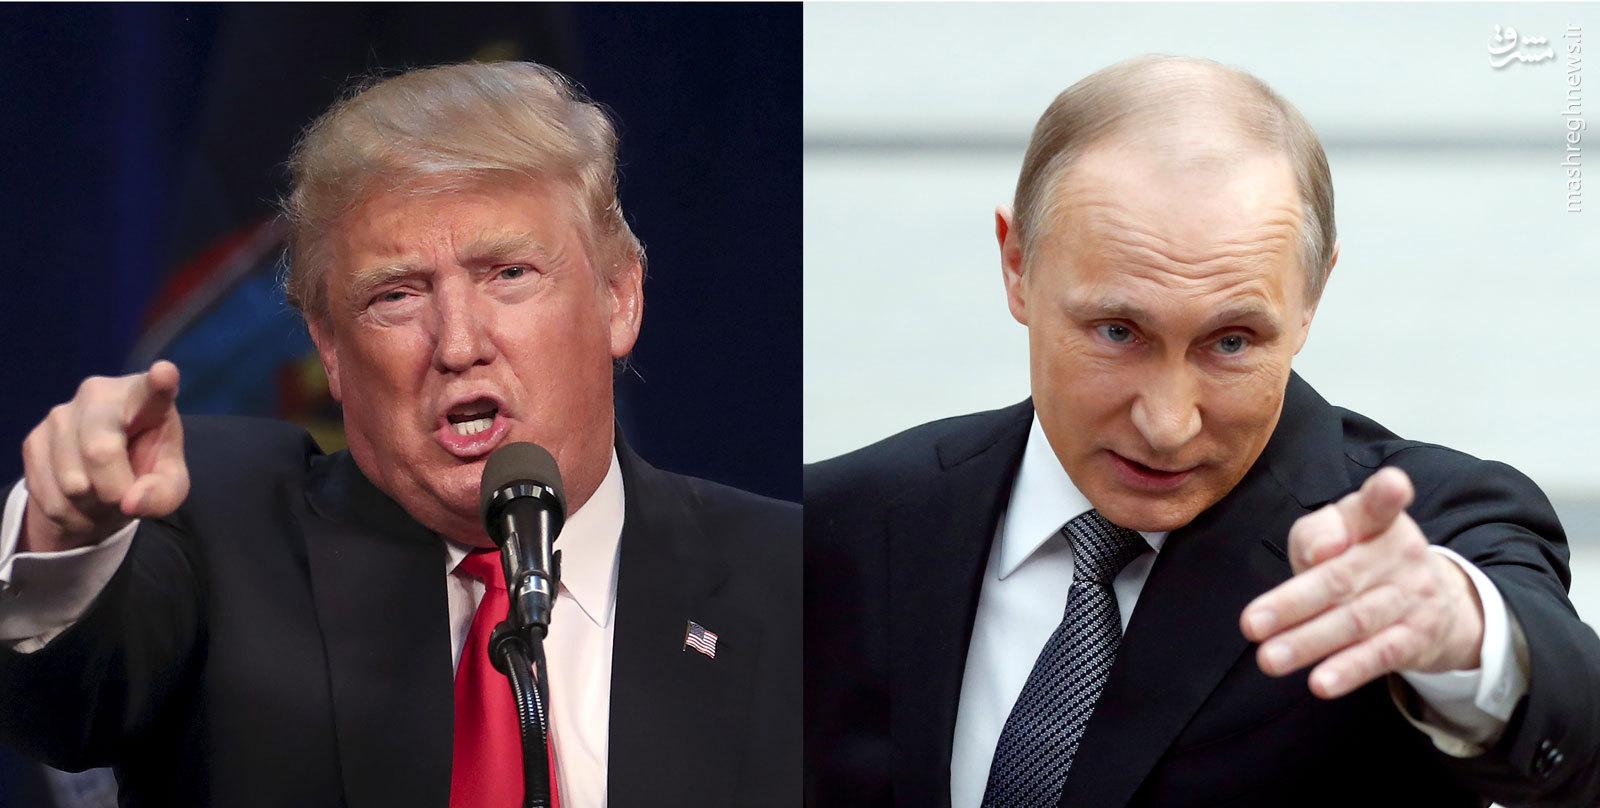 چرا روسیه در برابر ایران به ترامپ کمکی نخواهد کرد؟/ مسکو بیش از همیشه به تهران نیاز دارد